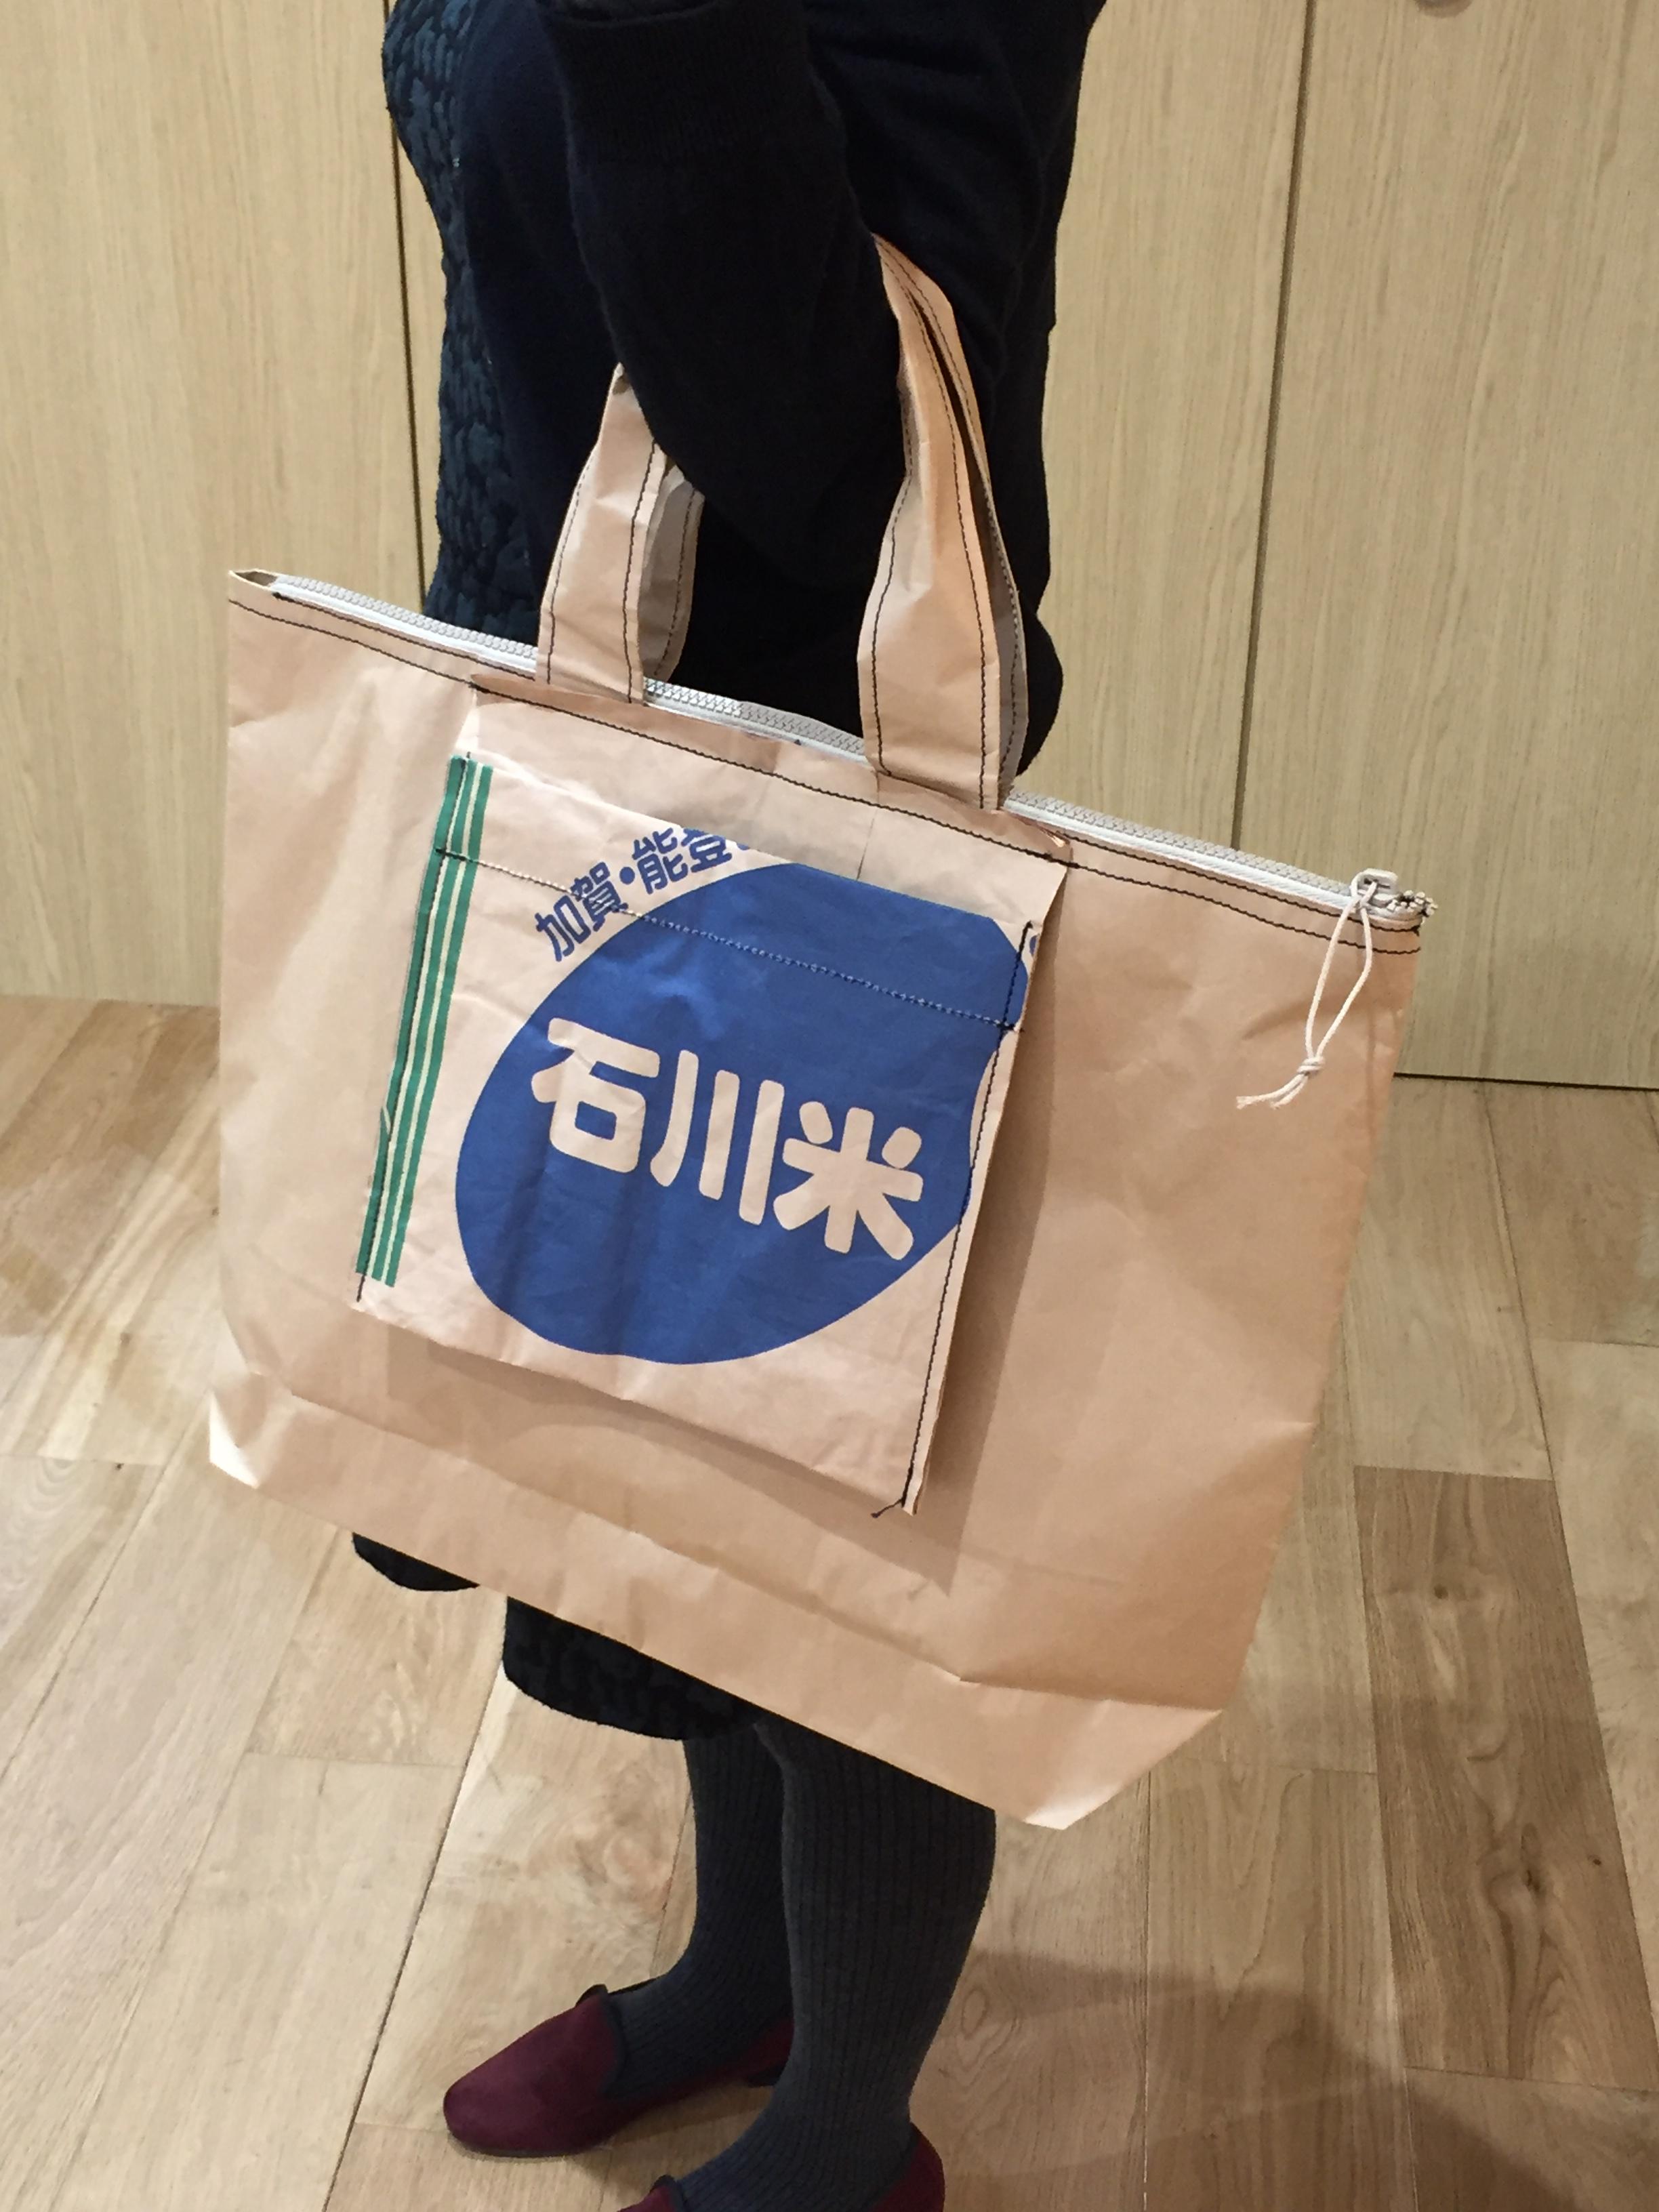 バッグ本体のサイズはタテ約37センチ、ヨコ約48センチ、マチ約10センチ